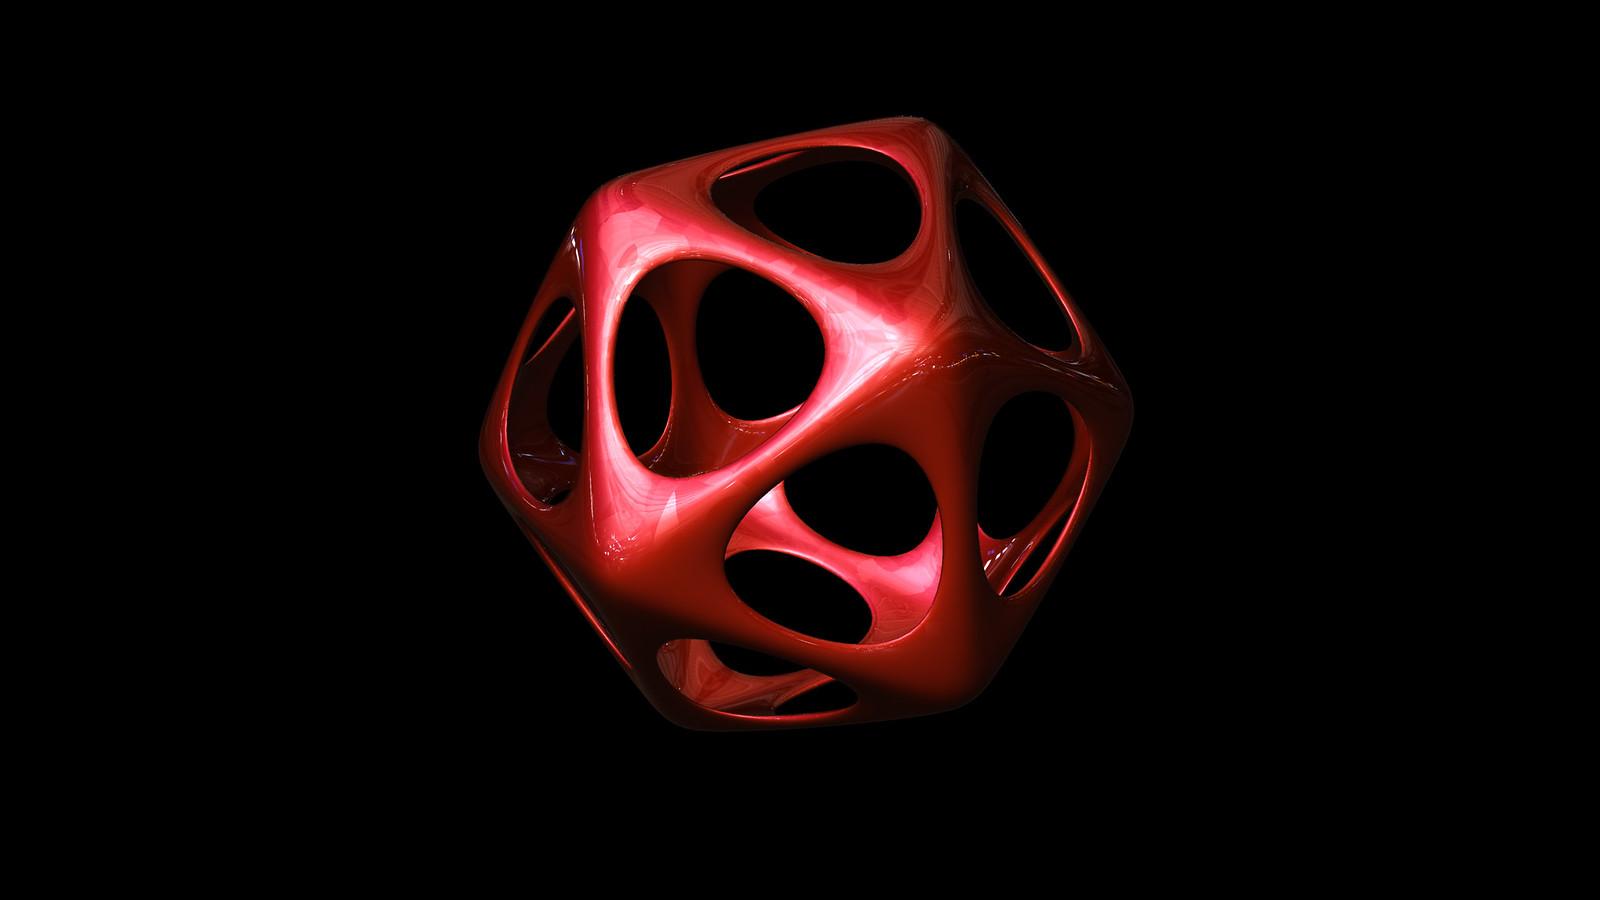 Icosahedron soft